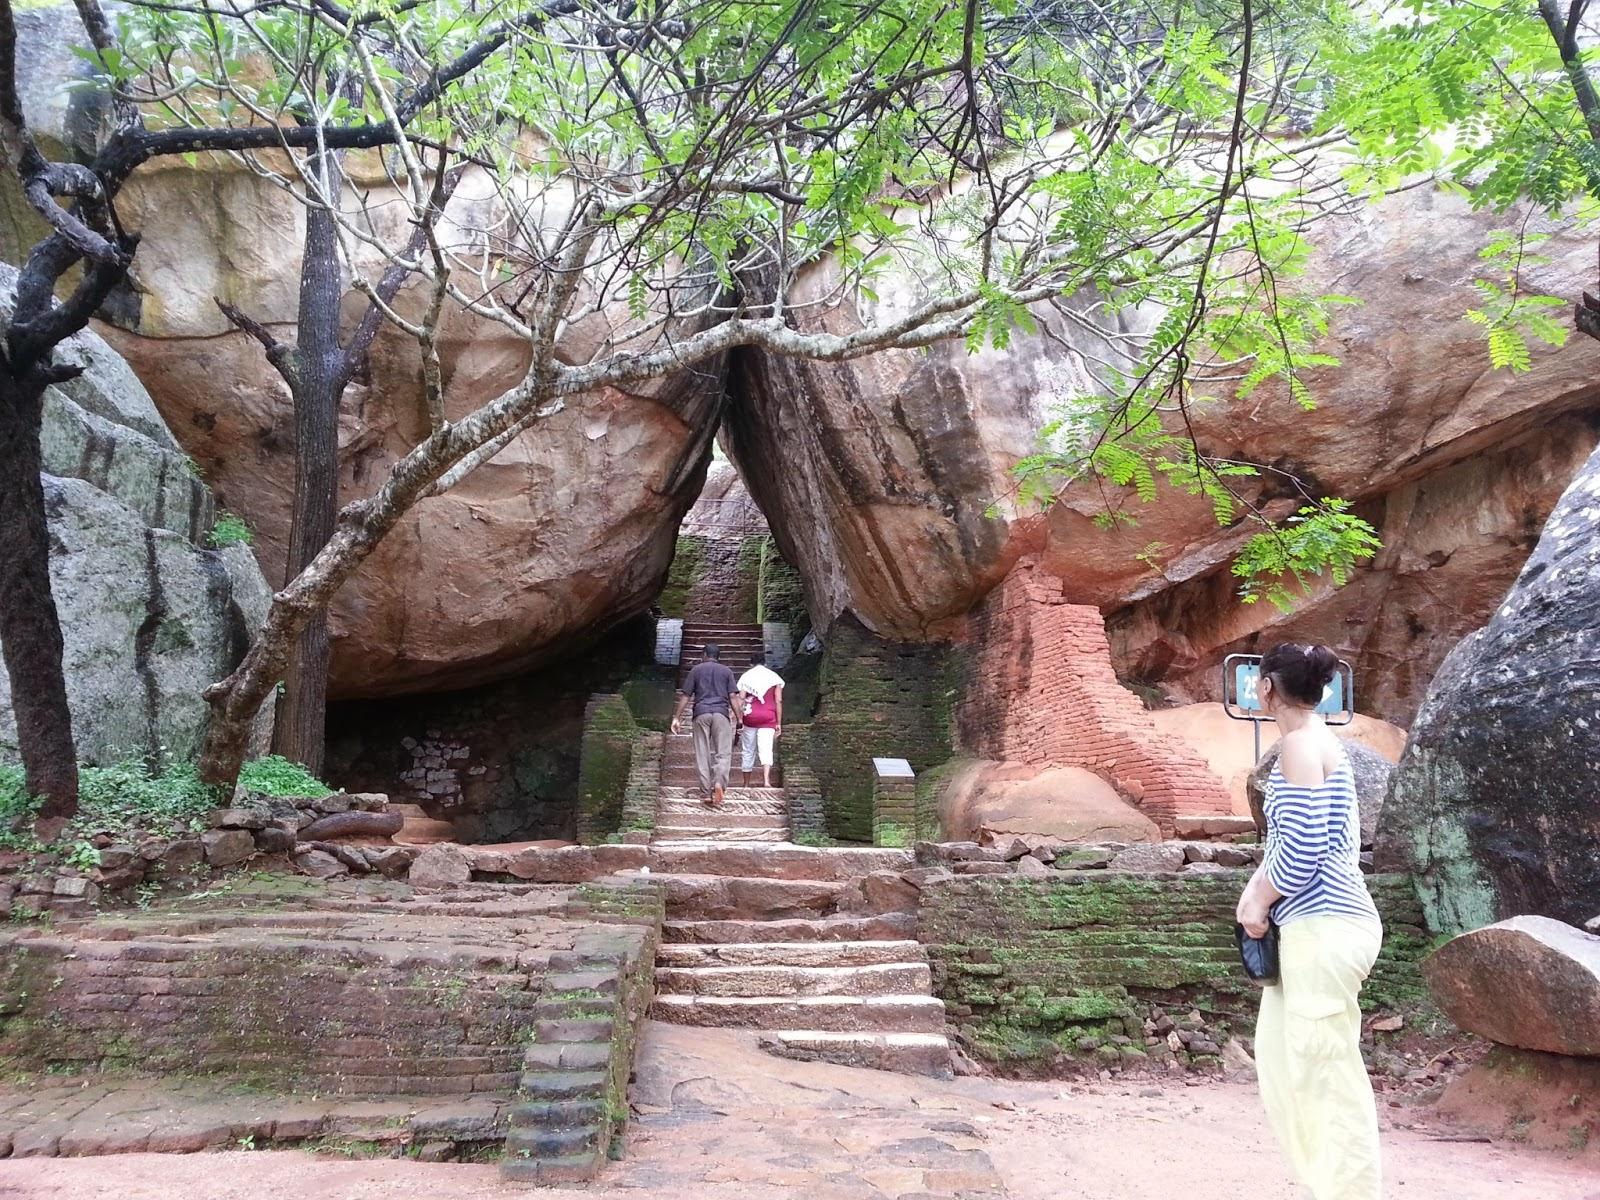 Сигирия Каменные Сады, Шри-Ланка, вход Каменные Сады, террасы, узкая арка-проход между камнями